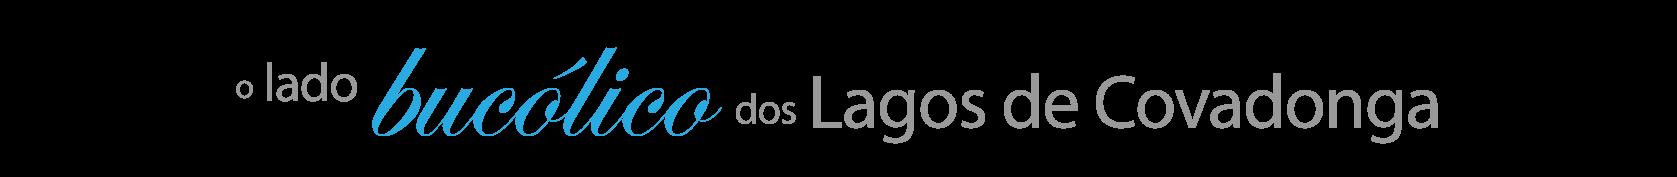 O lado bucólico dos Lagos de Covadonga